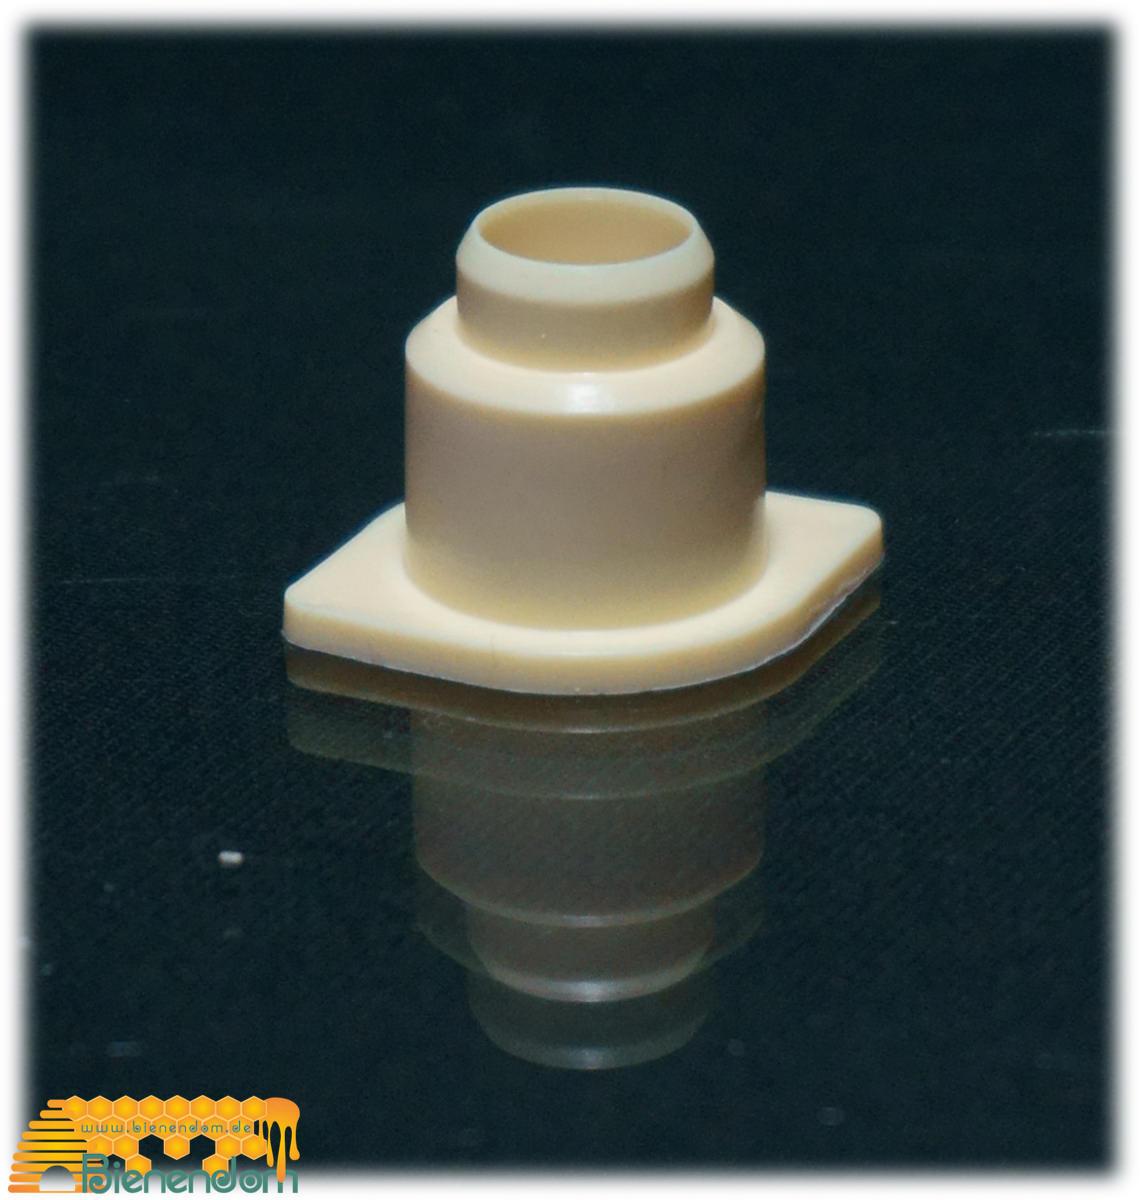 Weiselnapfhalter | Kunststoff | beige | Nicot